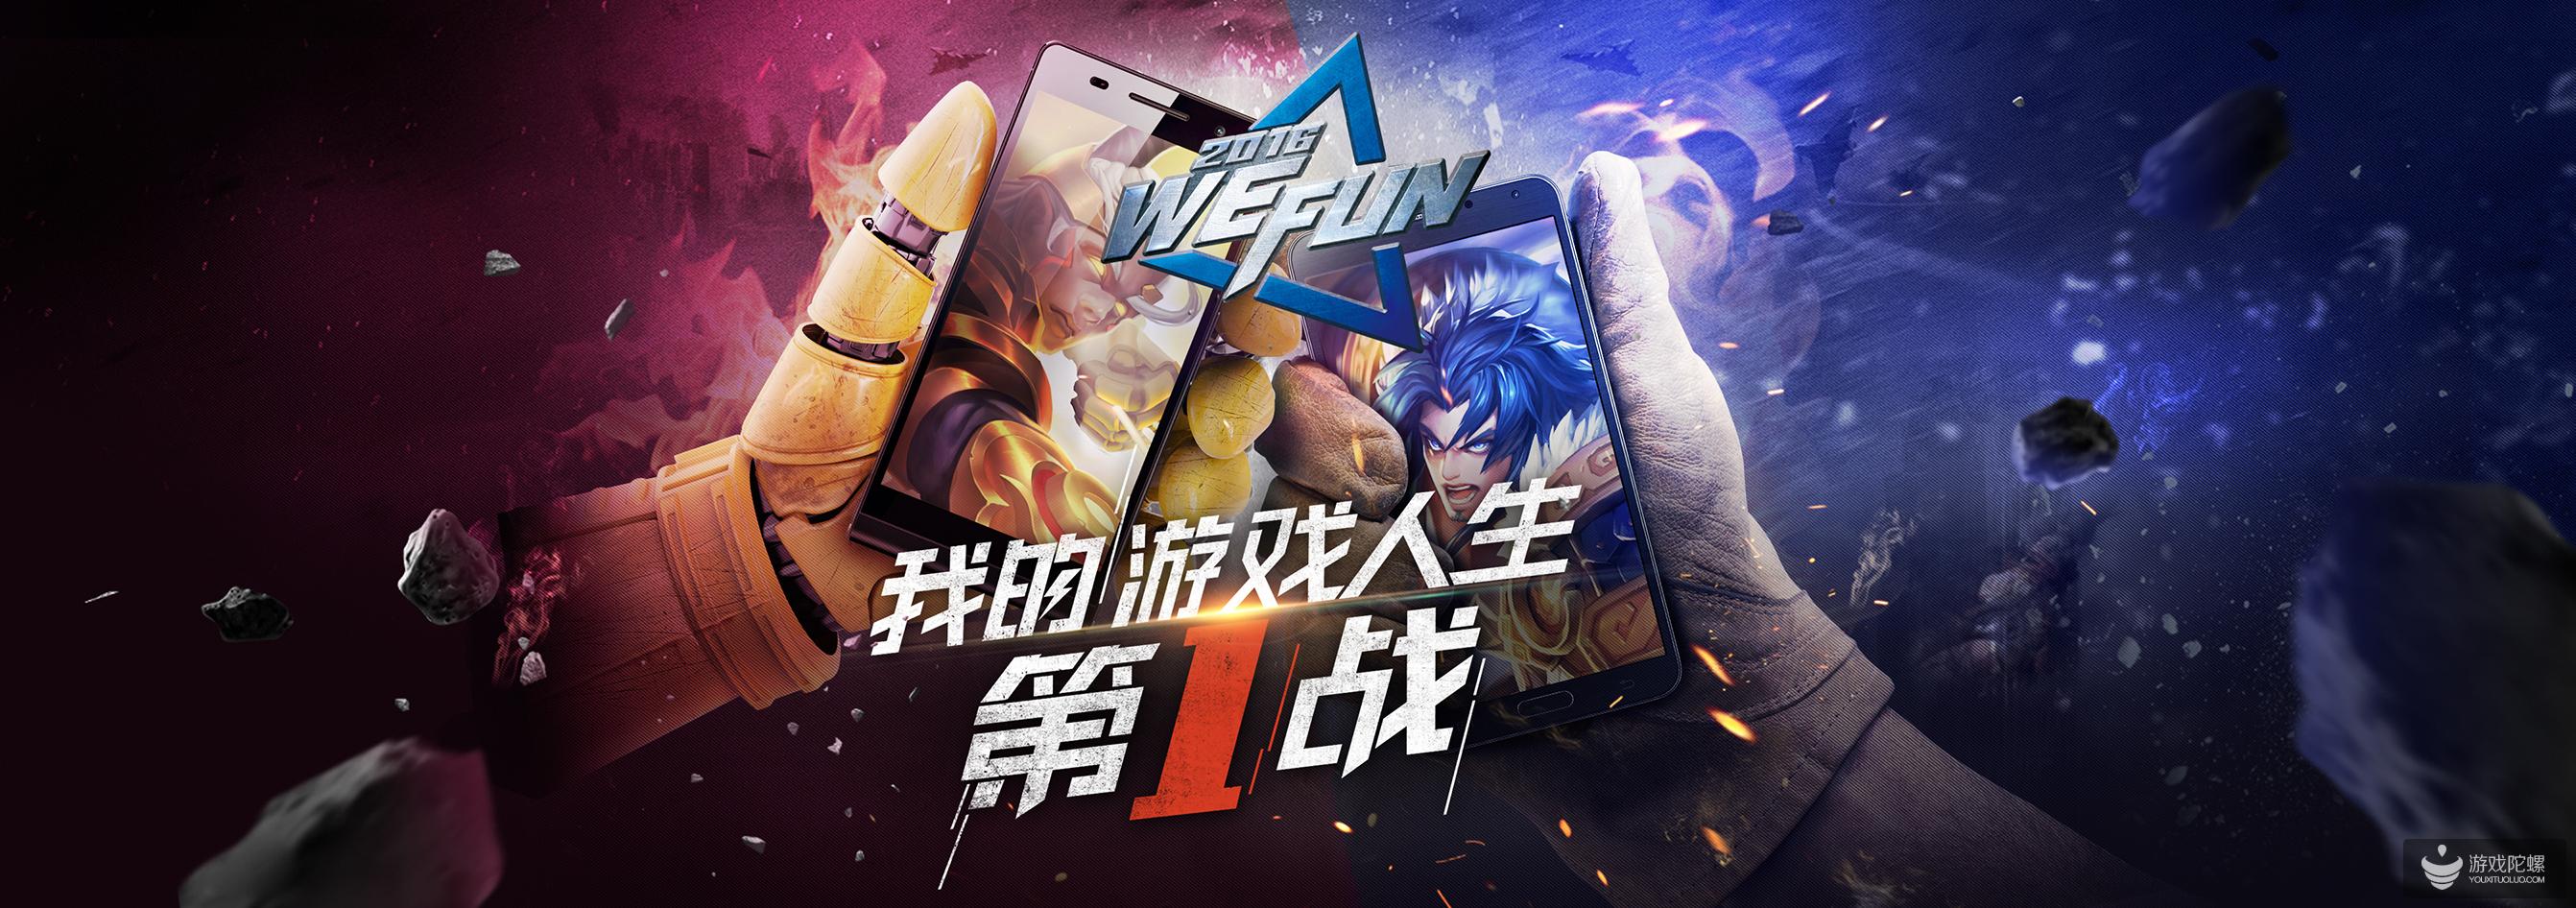 熊猫TV将独家直播爱游戏WEFUN微竞技大赛